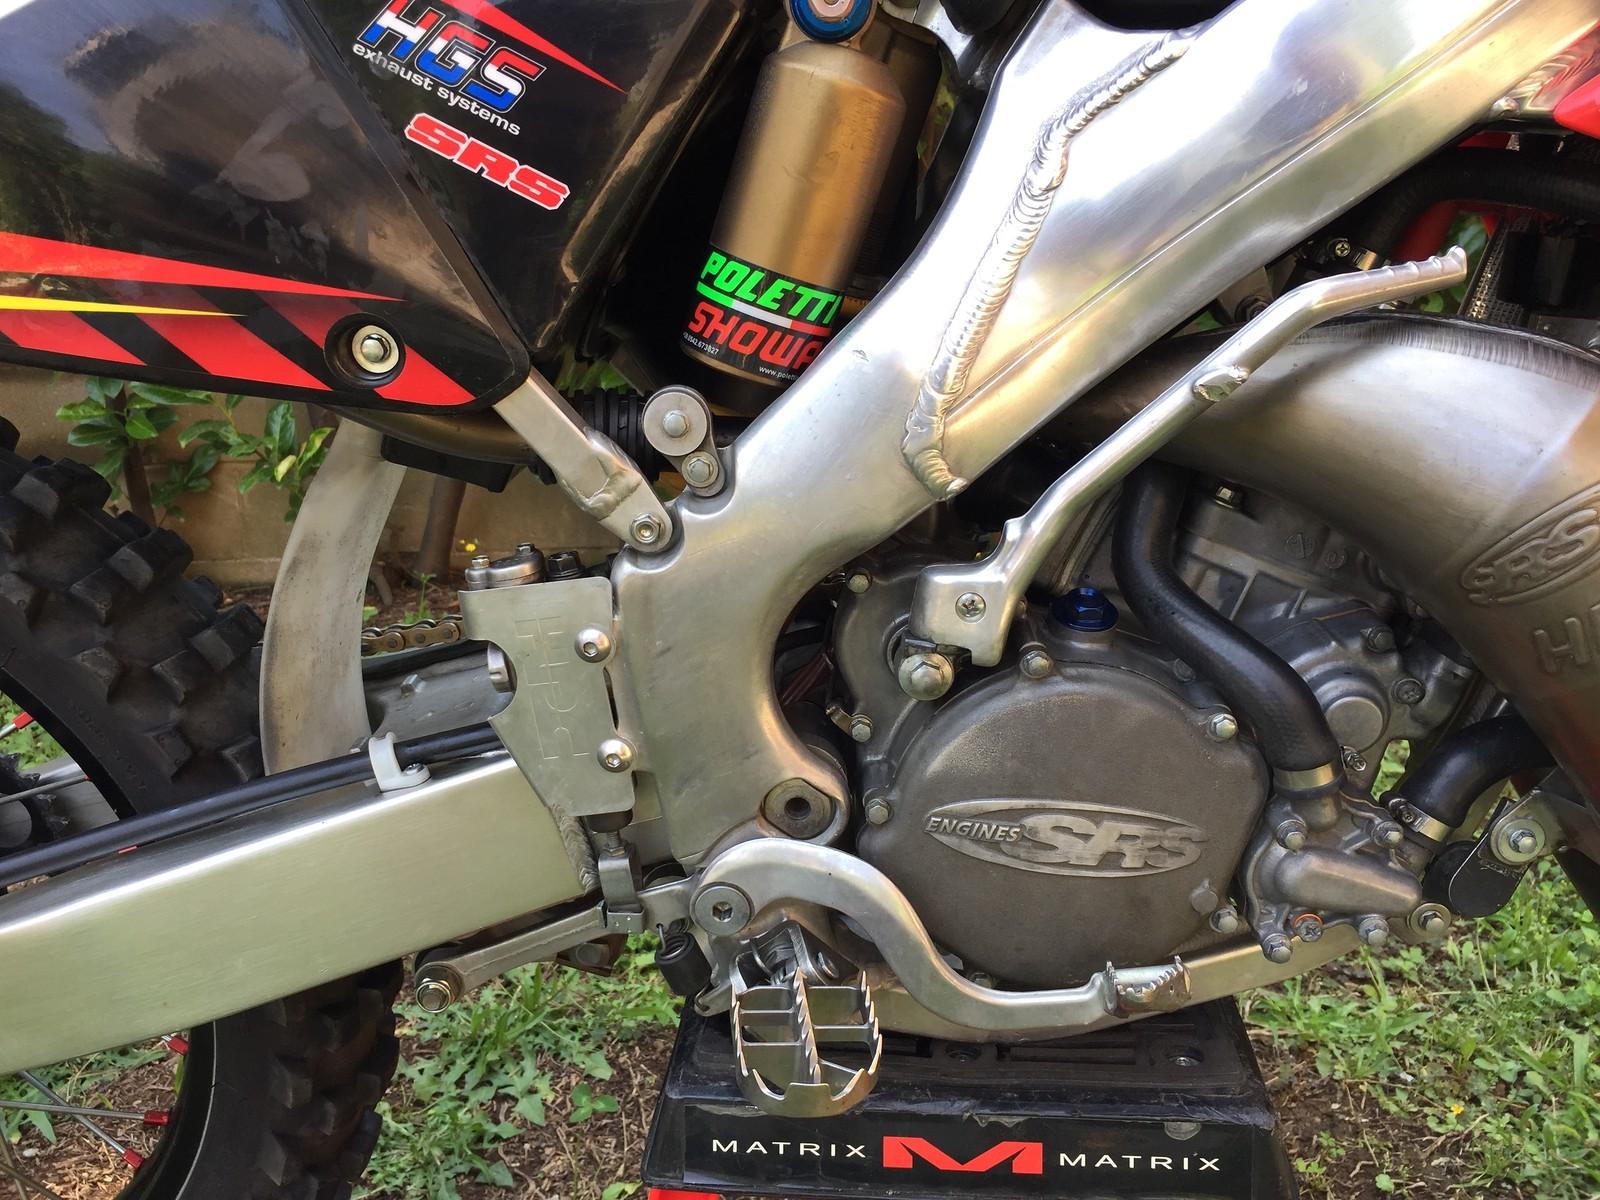 2017-07-06 11 59 54 - Debegio - Motocross Pictures - Vital MX